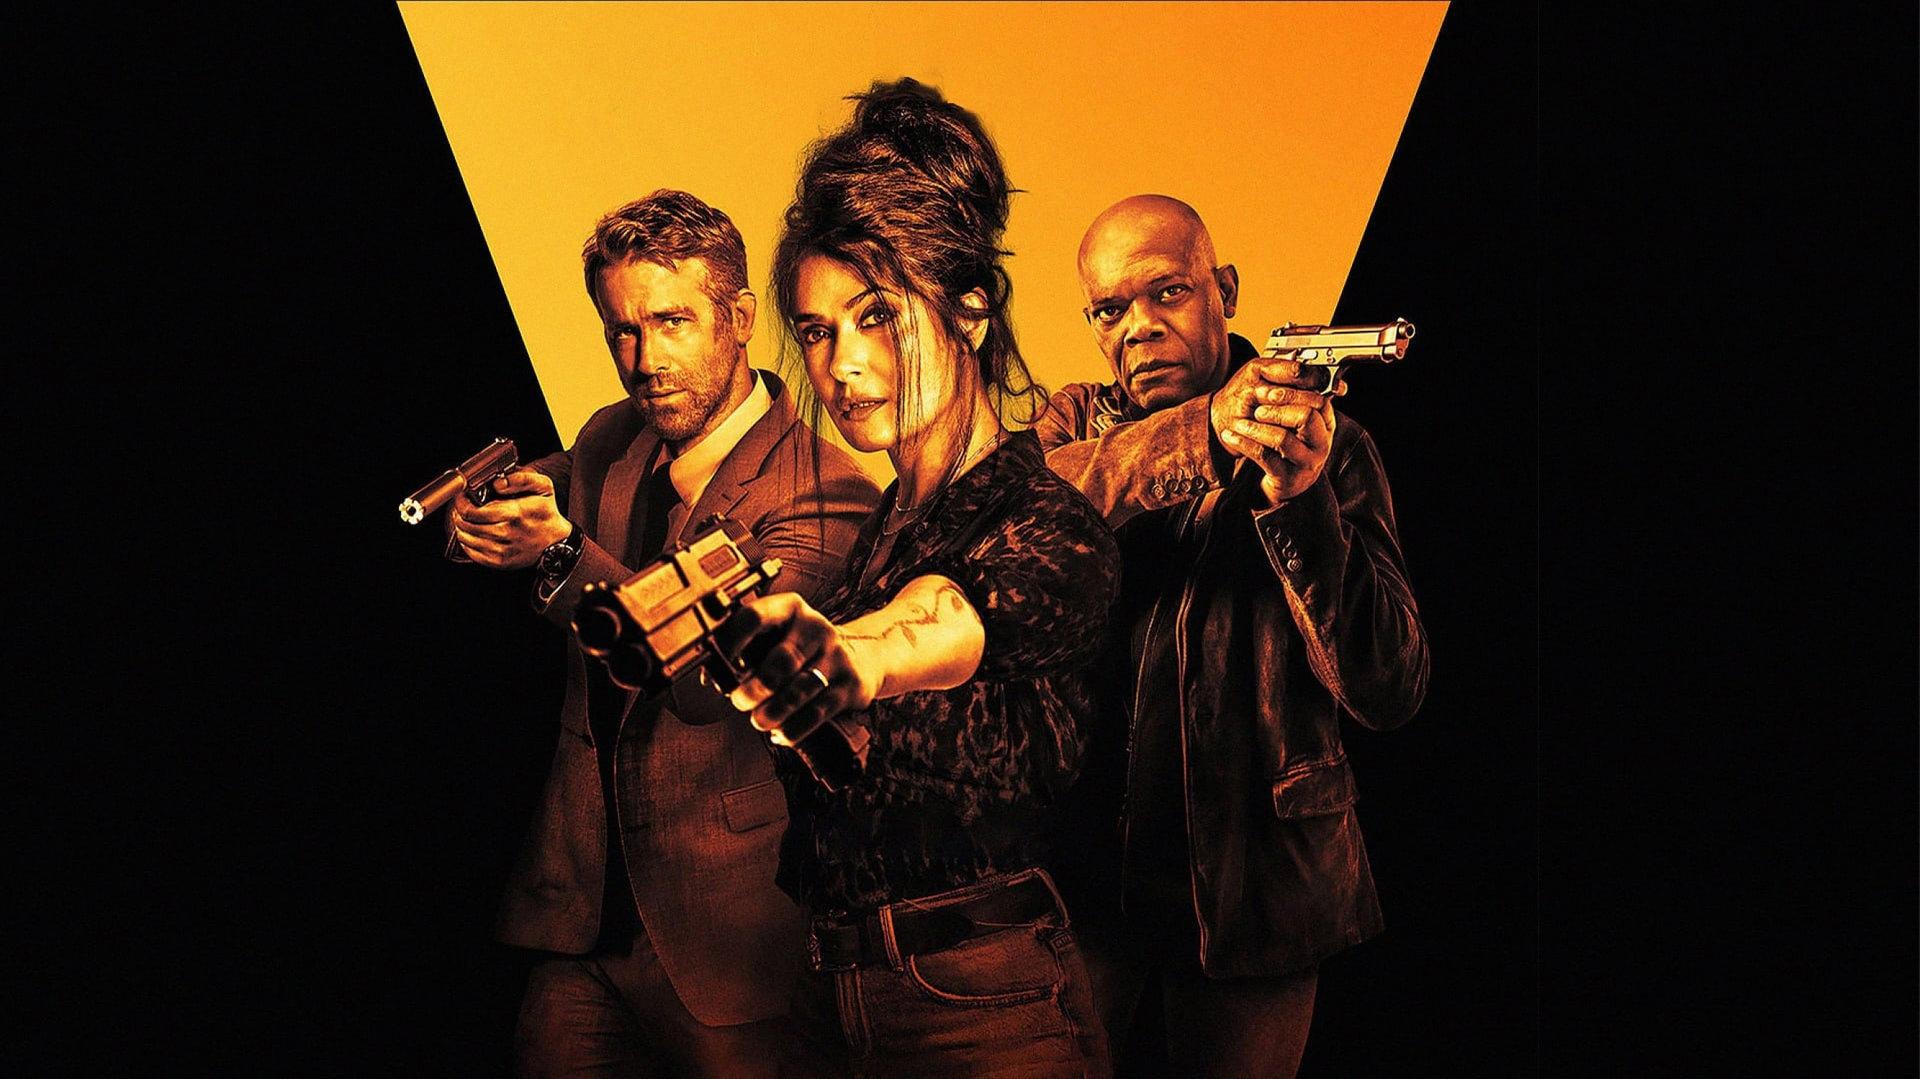 Смотри фильм Телохранитель жены киллера в кинотеатре